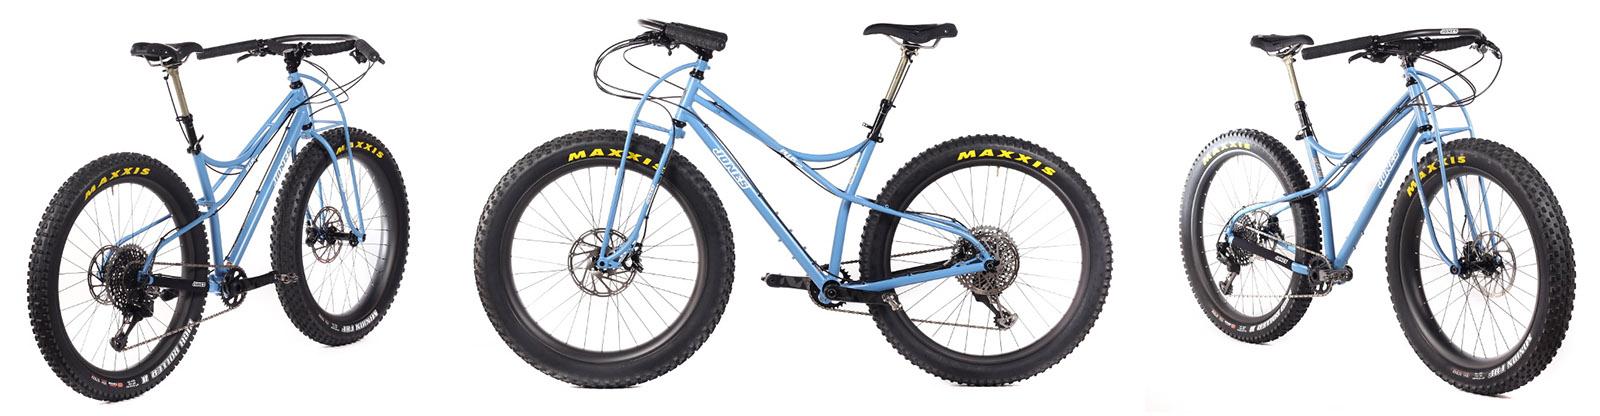 Jones Bikes - Building the best bikes | Jones Bikes